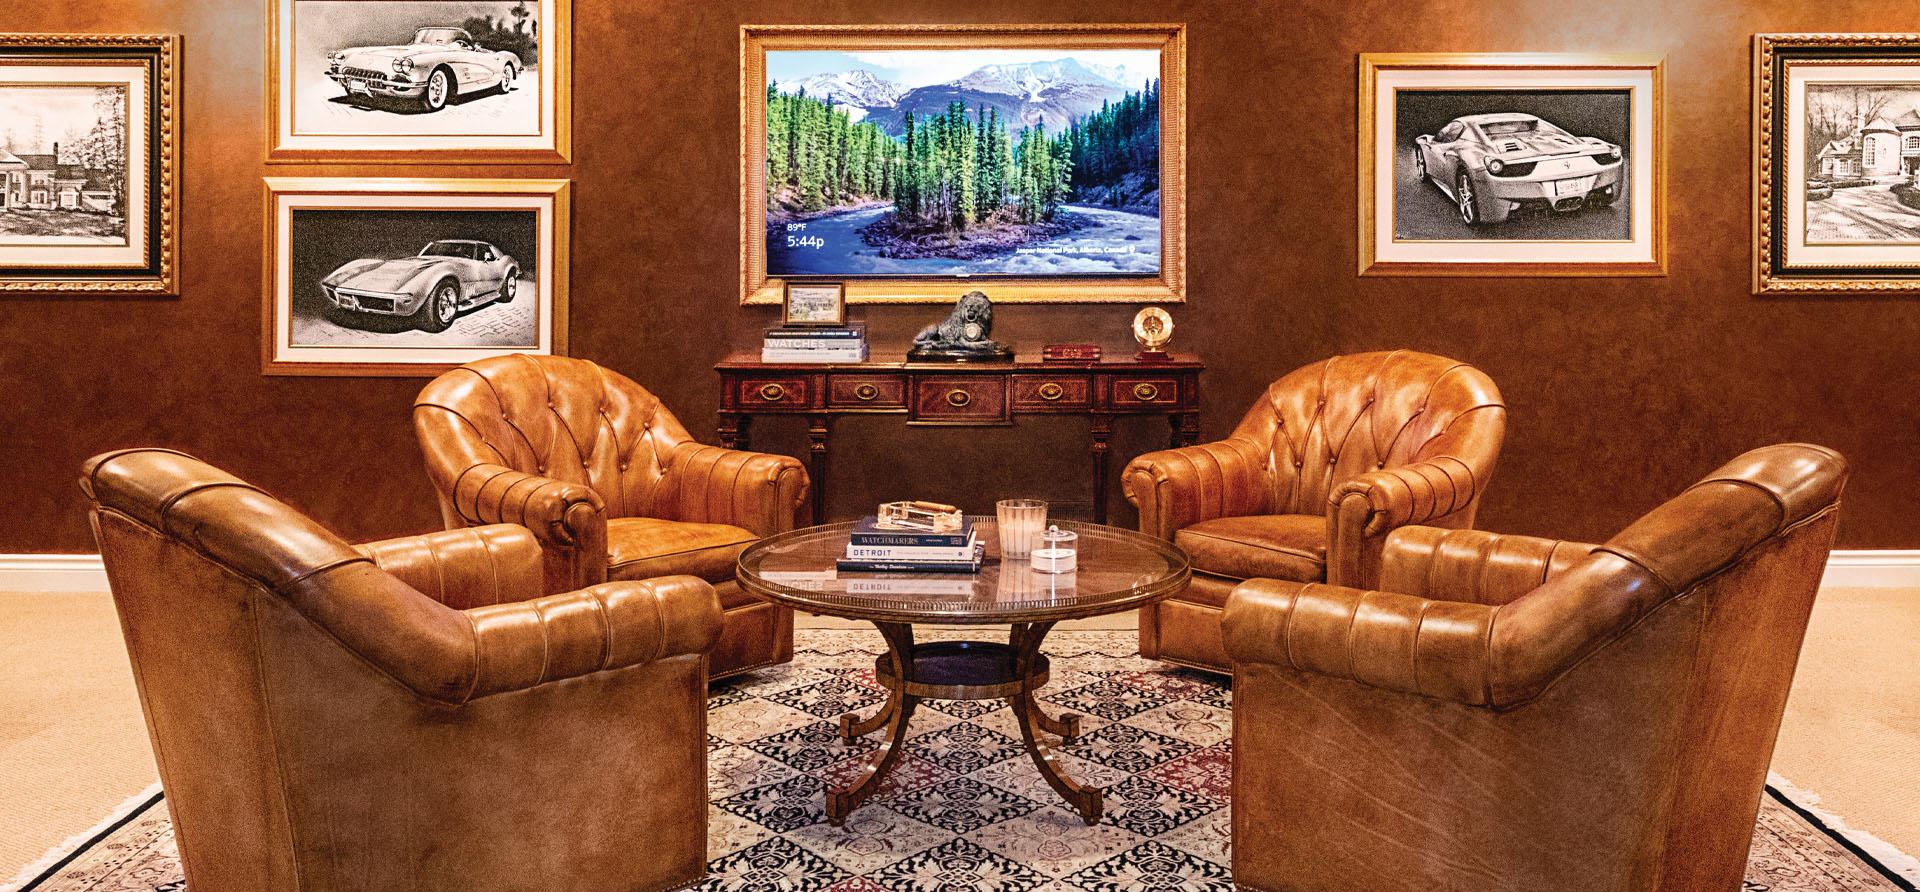 Birmingham Design Studio Quality Leather Furniture